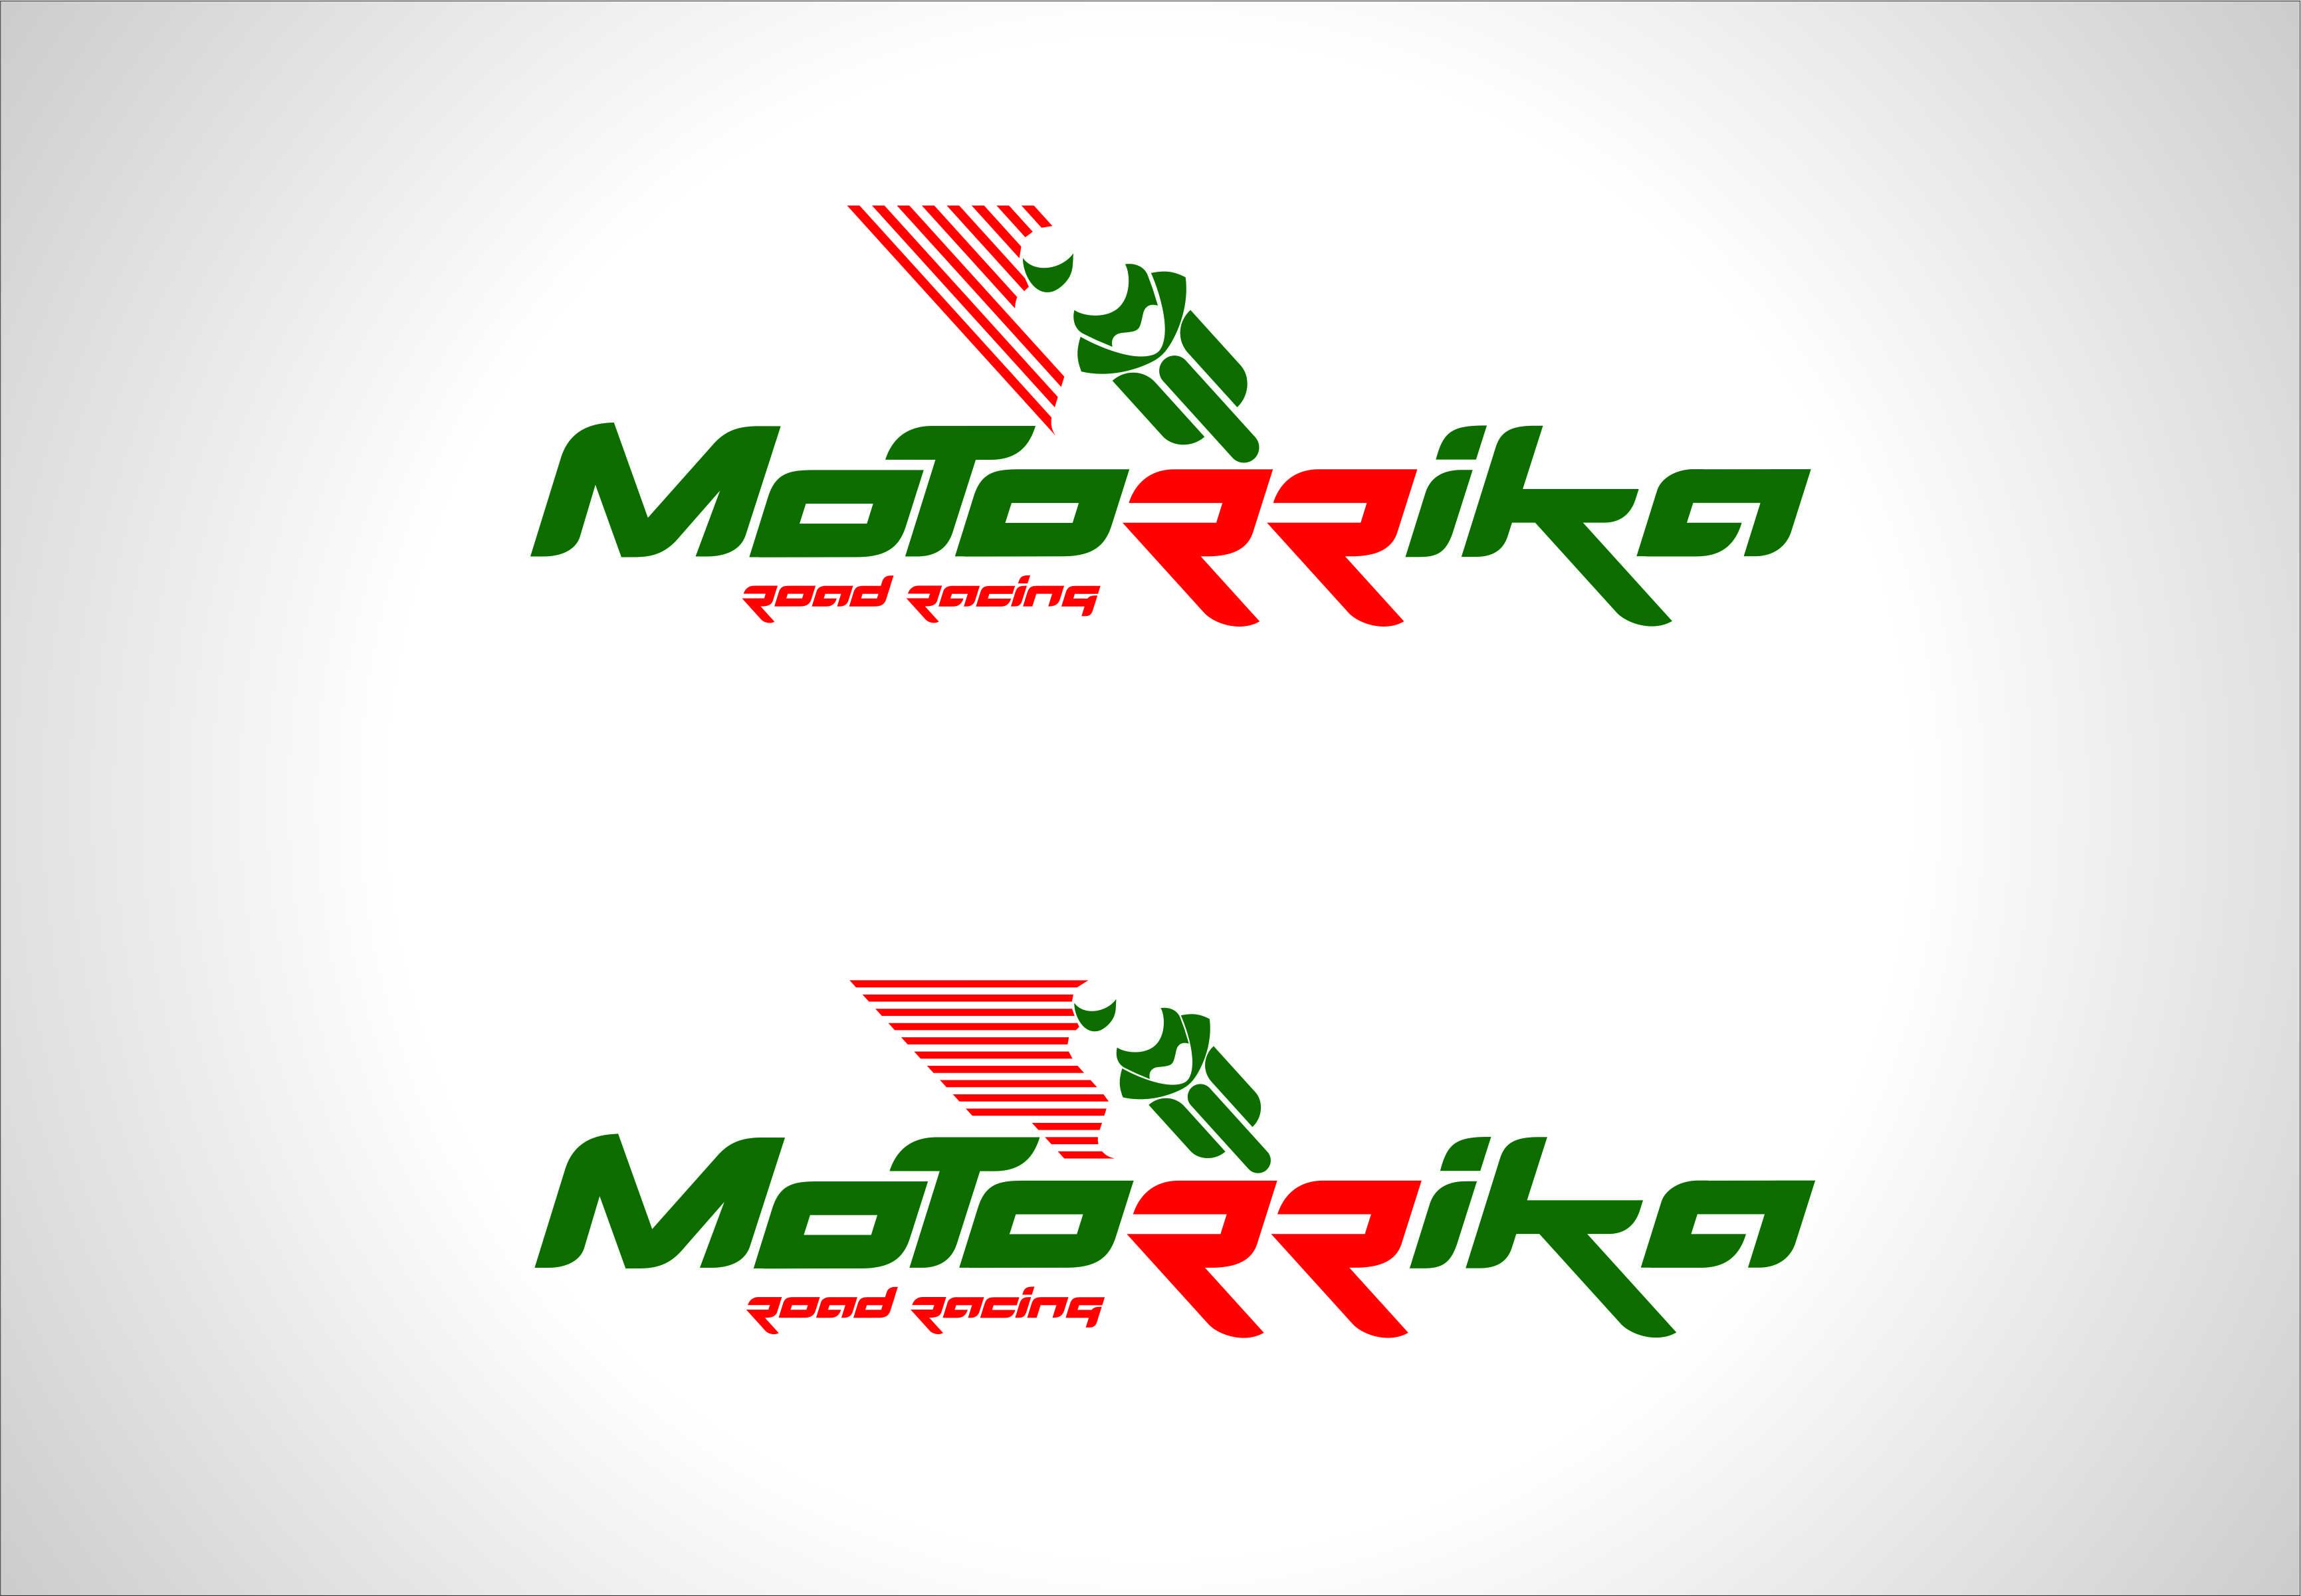 Мотогонки. Логотип, фирменный стиль. фото f_4dd5064ba5369.jpg